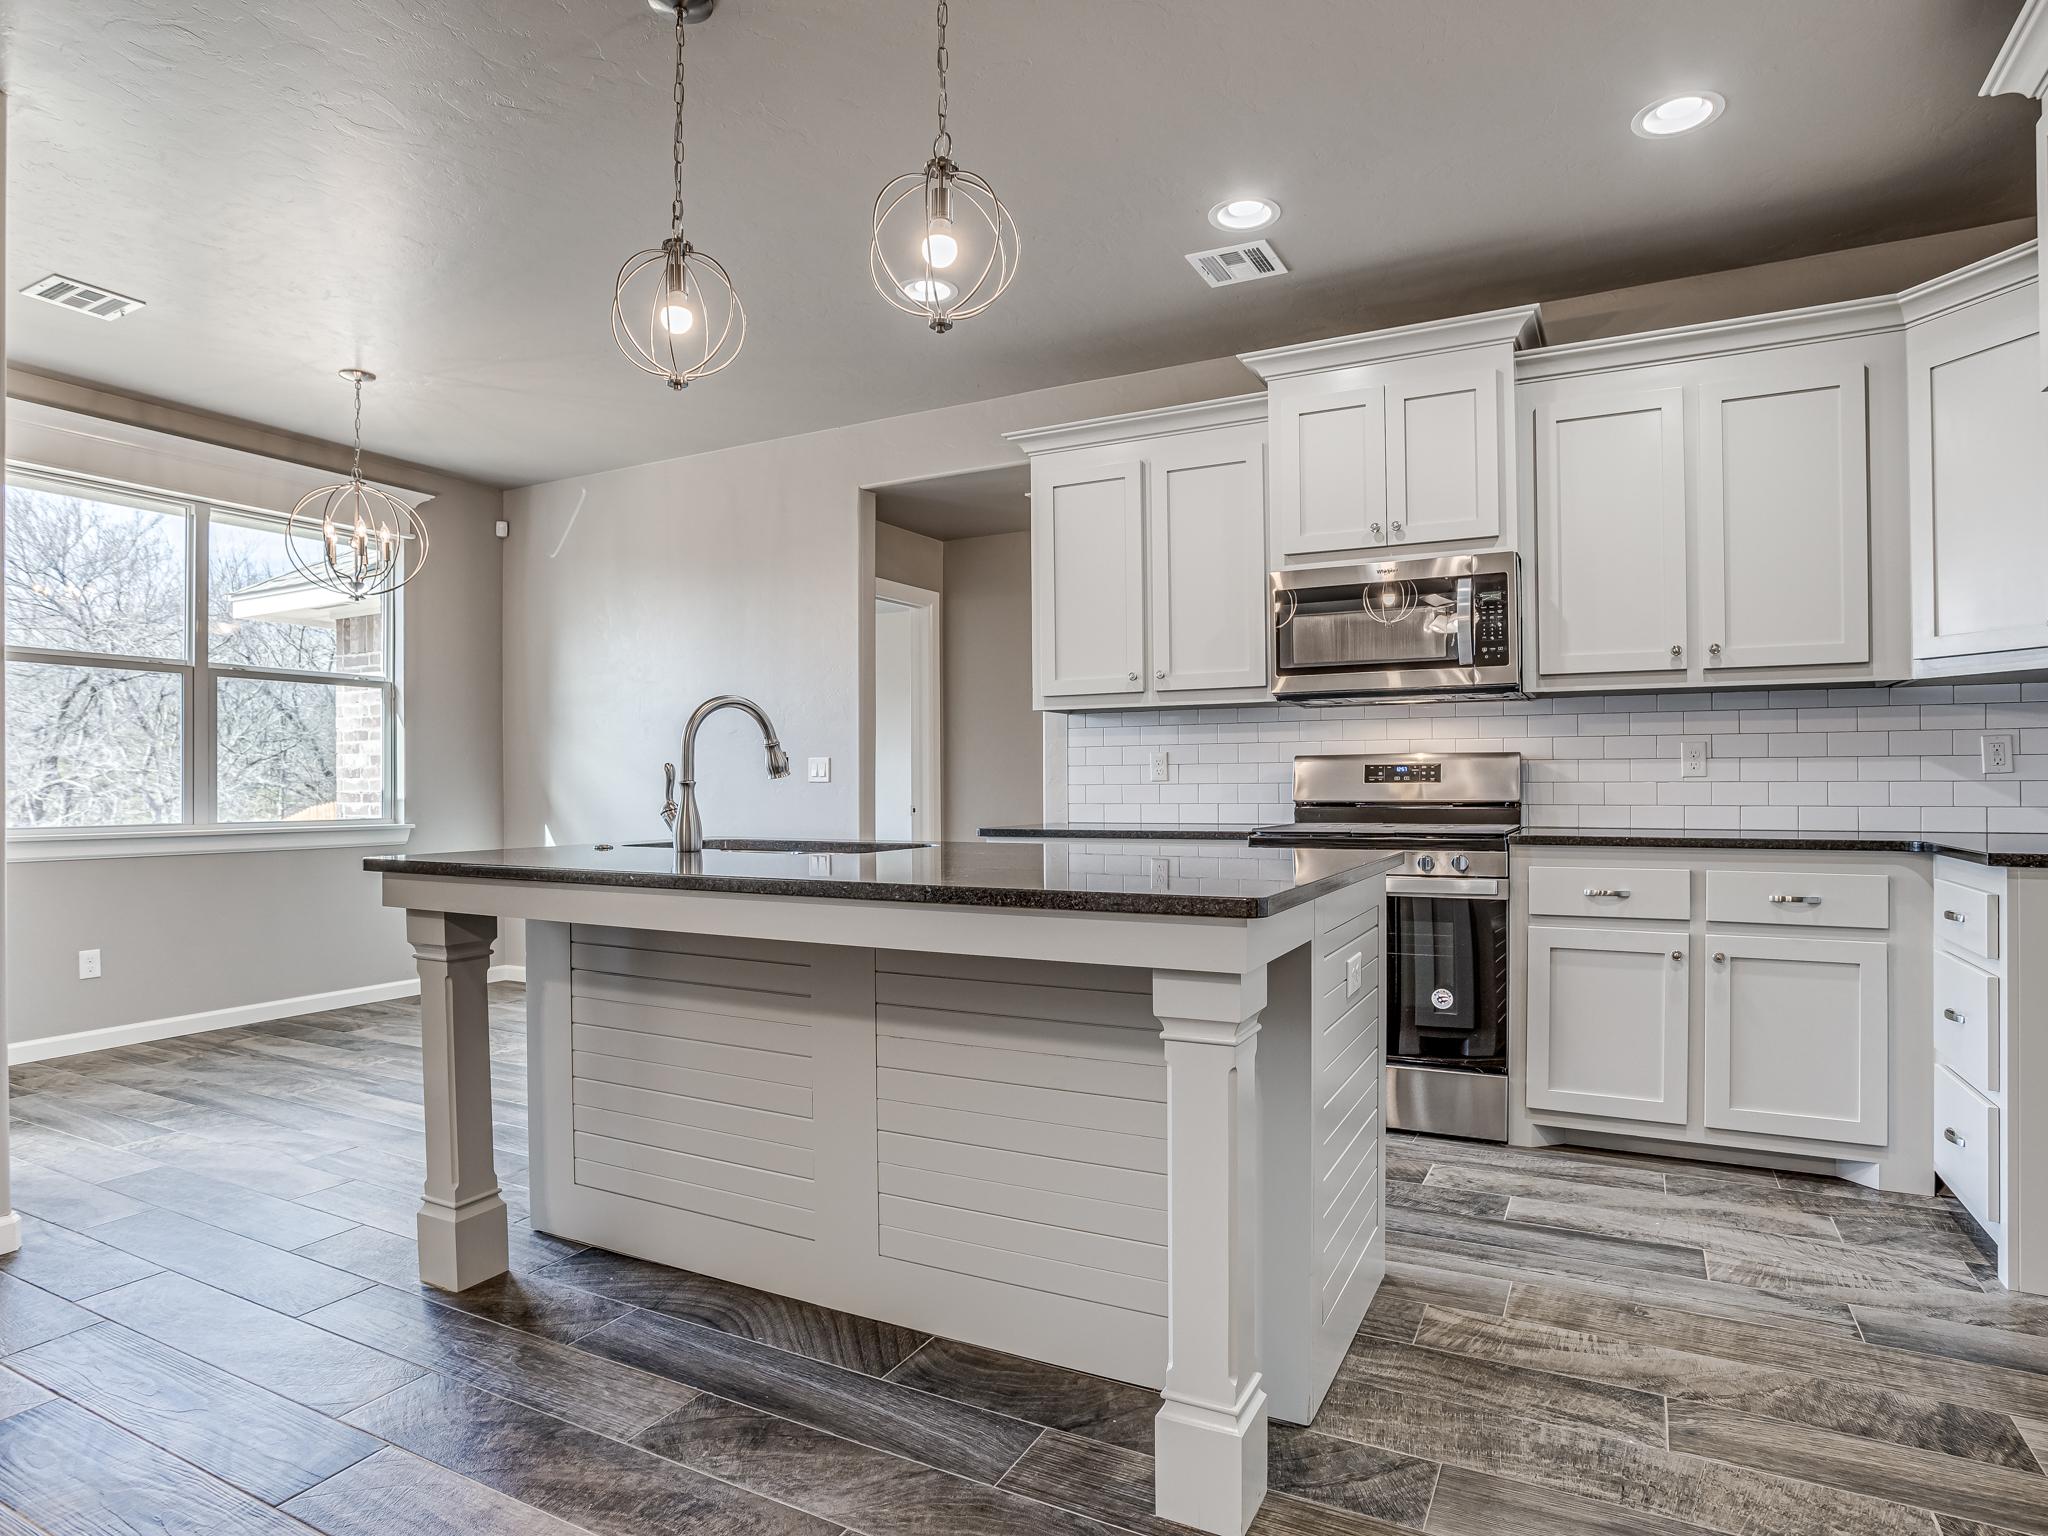 208 Mountain Laurel Way, Noble, Oklahoma 73068, 4 Bedrooms Bedrooms, ,2 BathroomsBathrooms,House,For Sale,208 Mountain Laurel Way,1041